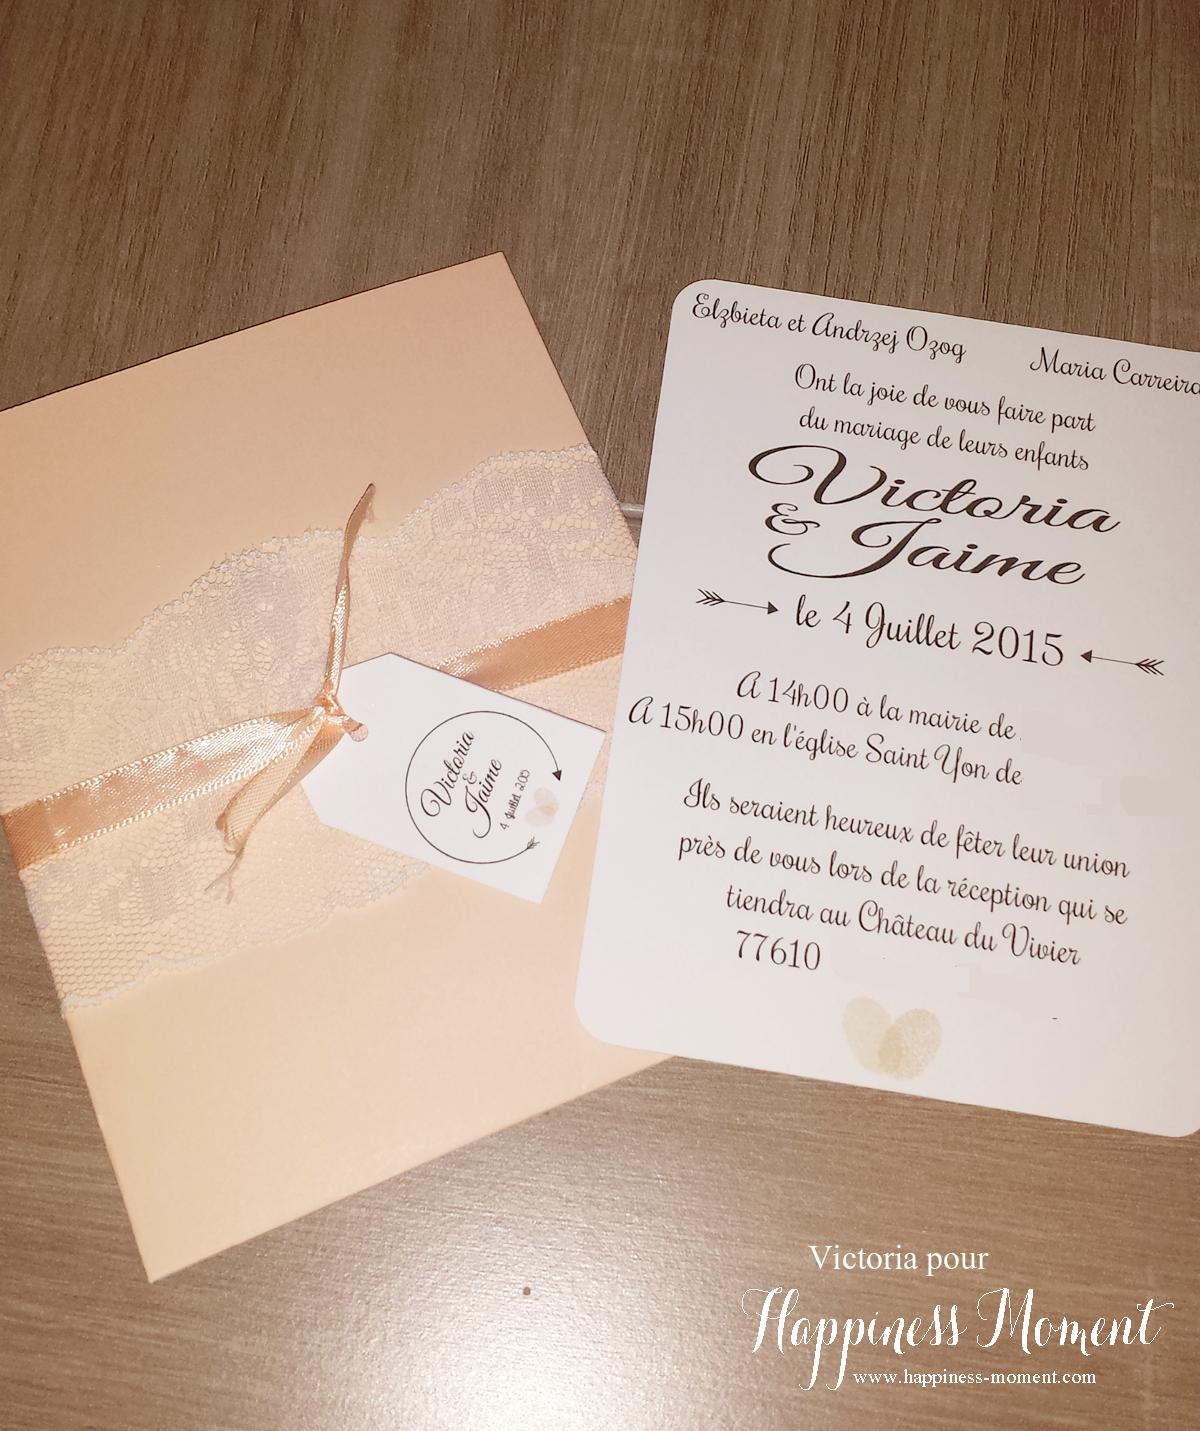 http://www.happiness-moment.fr/2015/02/faire-part-de-mariage-pour-victoria.html